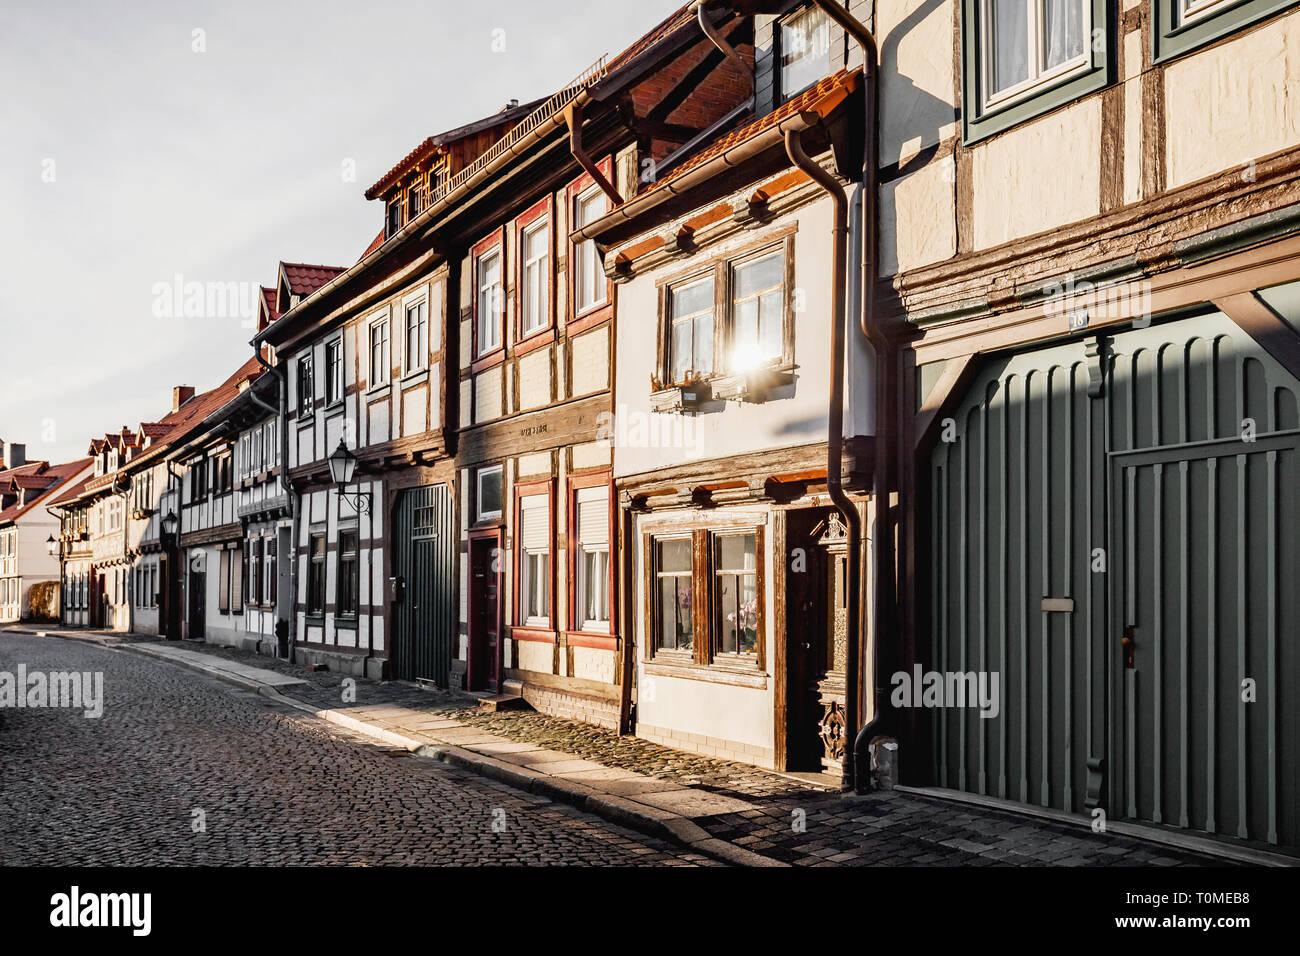 Maisons à colombages à Wernigerode dans les montagnes du Harz, Saxe-Anhalt, Allemagne Banque D'Images